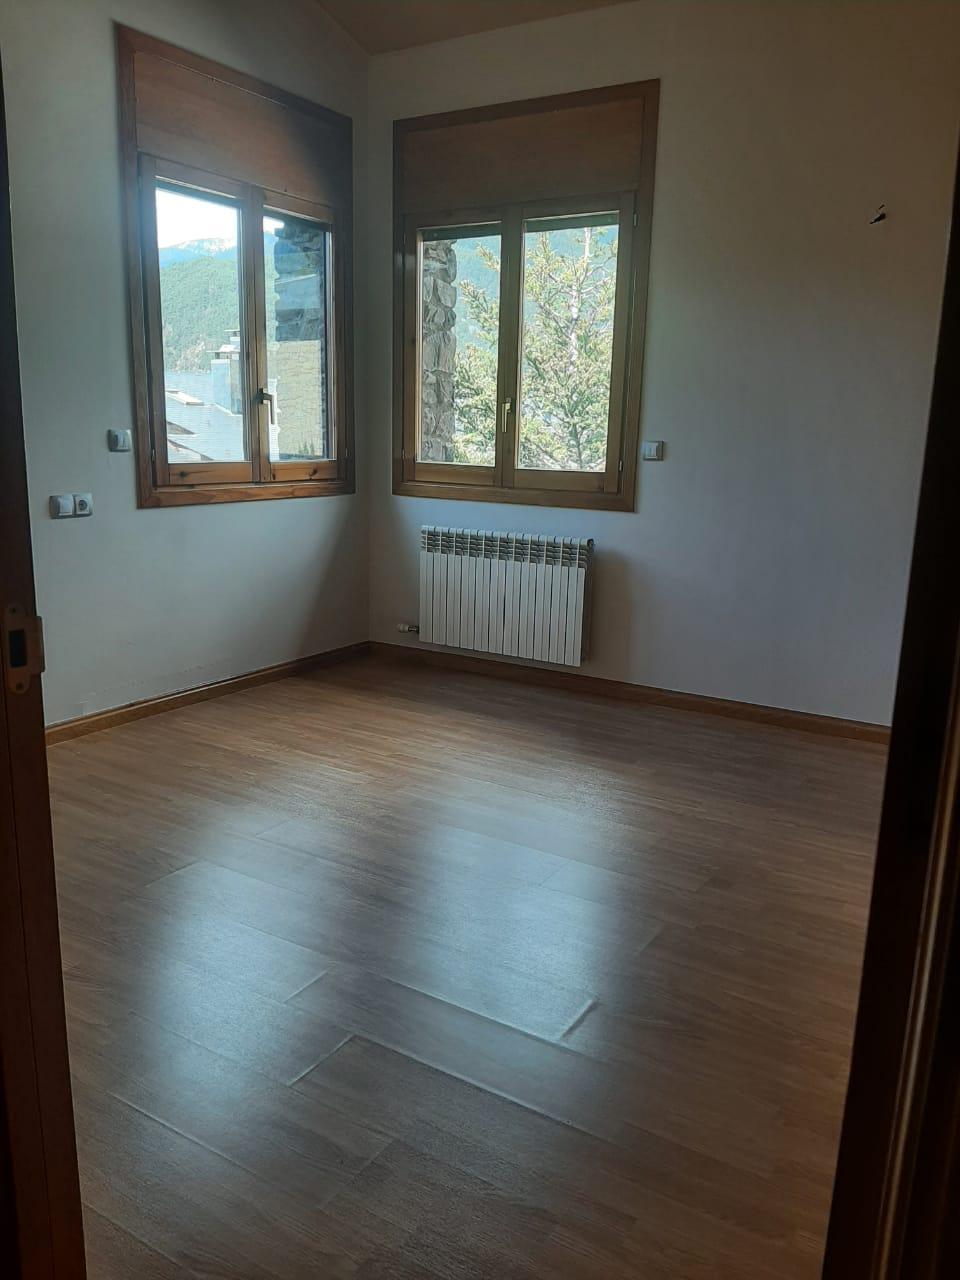 Àtic de lloguer a Anyós, 3 habitacions, 150 metres